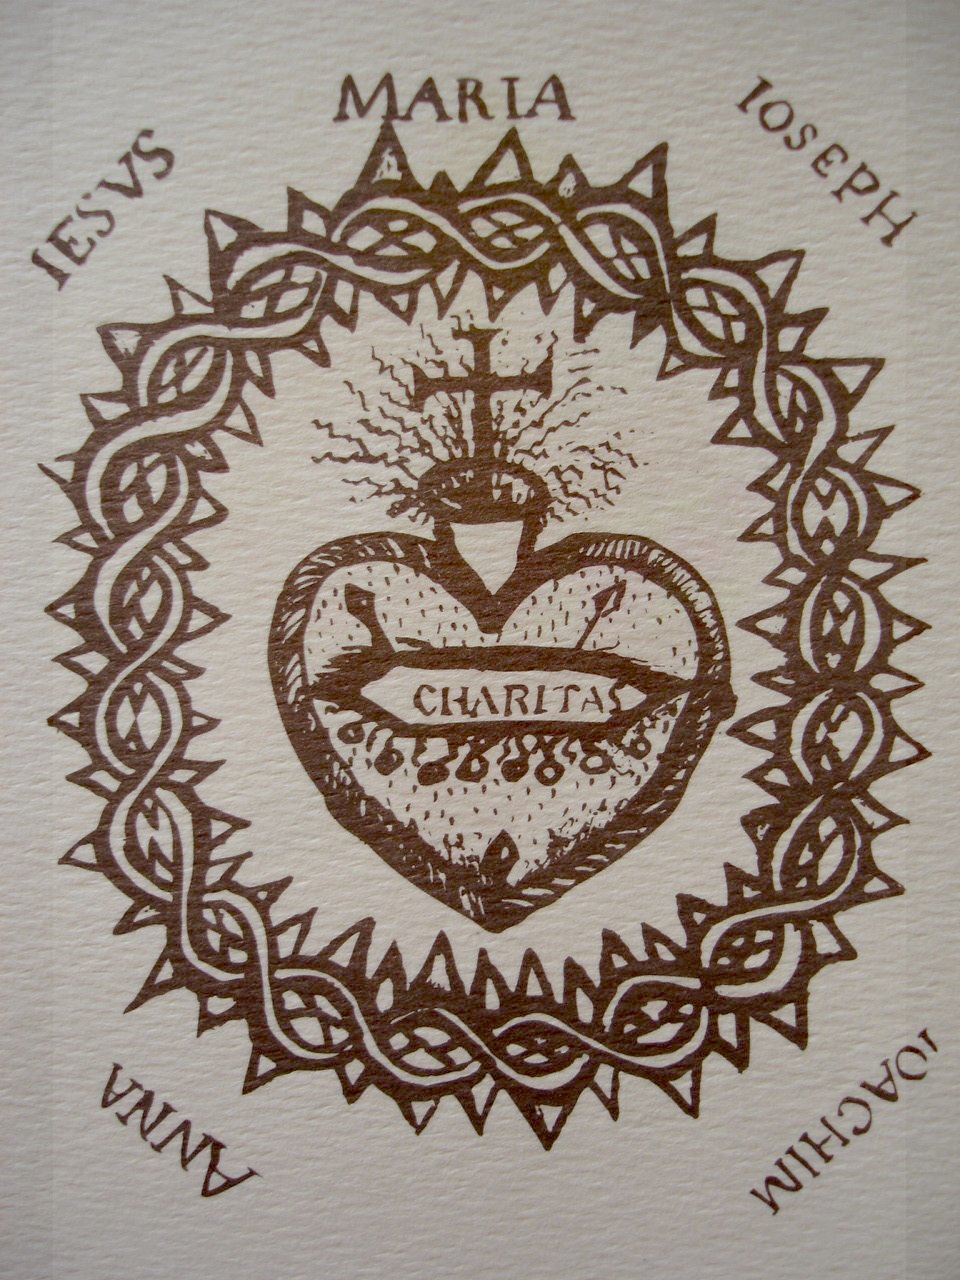 Originalzeichnung Margareta Maria Alacoques, 1685